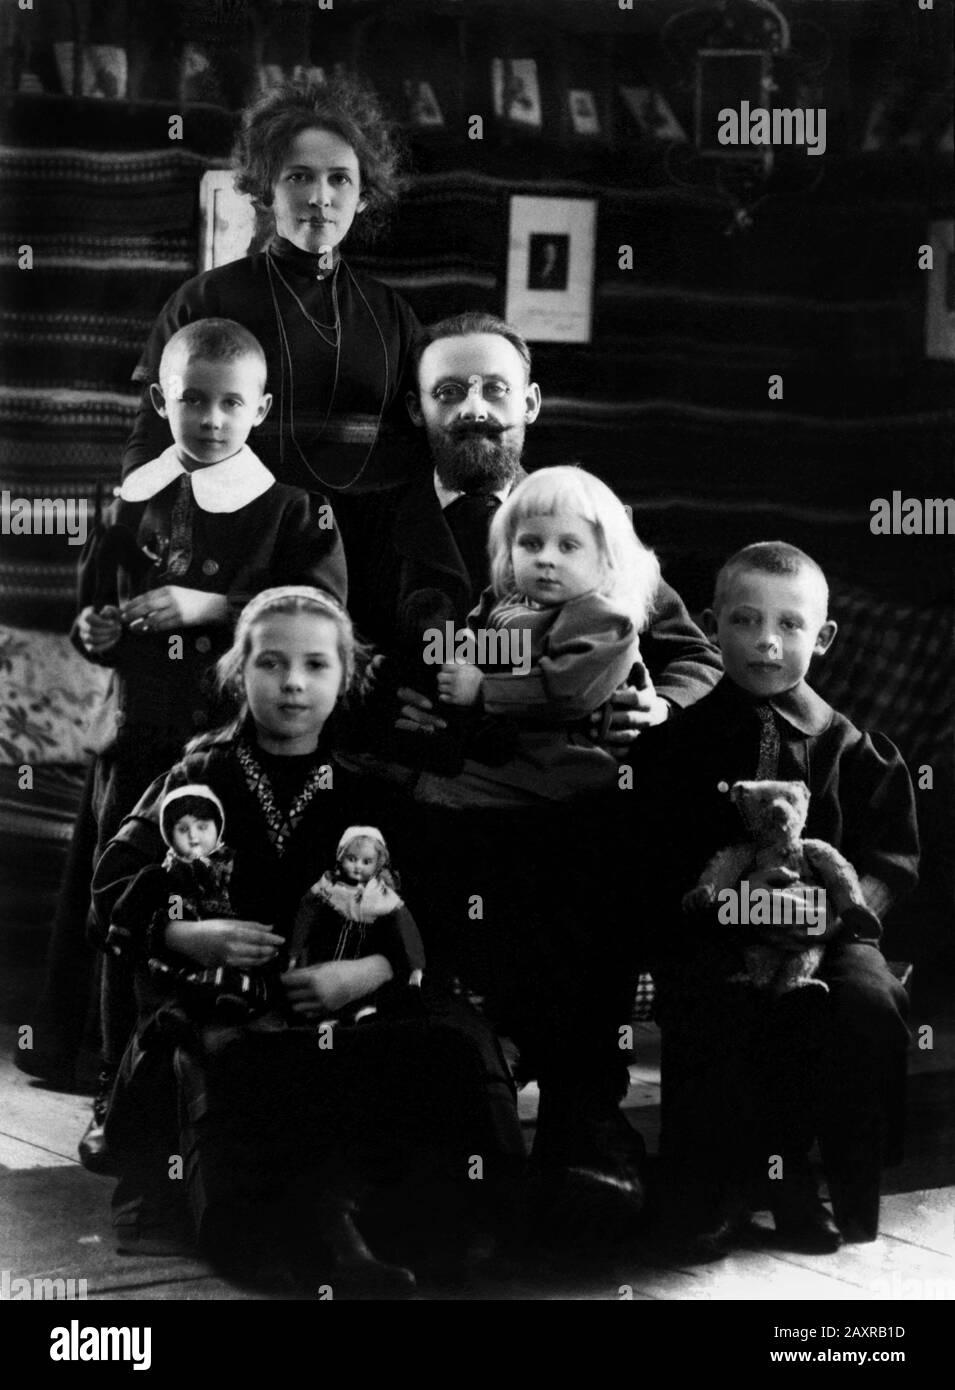 1900 CA , Storgarden , Brunnsvik sur le lac Vasman, LUDVIKA, SUÈDE : l'écrivain suédois et politicien social-démocrate docteur KARL-ERIK FORSSLUND ( 1872 - 1941 ) avec femme FEJAN chez lui avec les quatre fils: Marjo , JORAN , KARL-HERMAN et MAJA . - LOTTERATO - SCRITTORE - LETTERATURA - Littérature - occhiali da vista - lentille - foto grupo di FAMIGLIA - FAMILLE - barbe - barba - SVEZIA - jouets - jouet - giocattolo - giocattoli - ours en peluche - orsachiotto - figli - figlio - figlia - fille - fils - fratelli - frères - moglie - Mamma - mère - NATALE - NOËL - festa natalizia - NOËL - bambol Banque D'Images